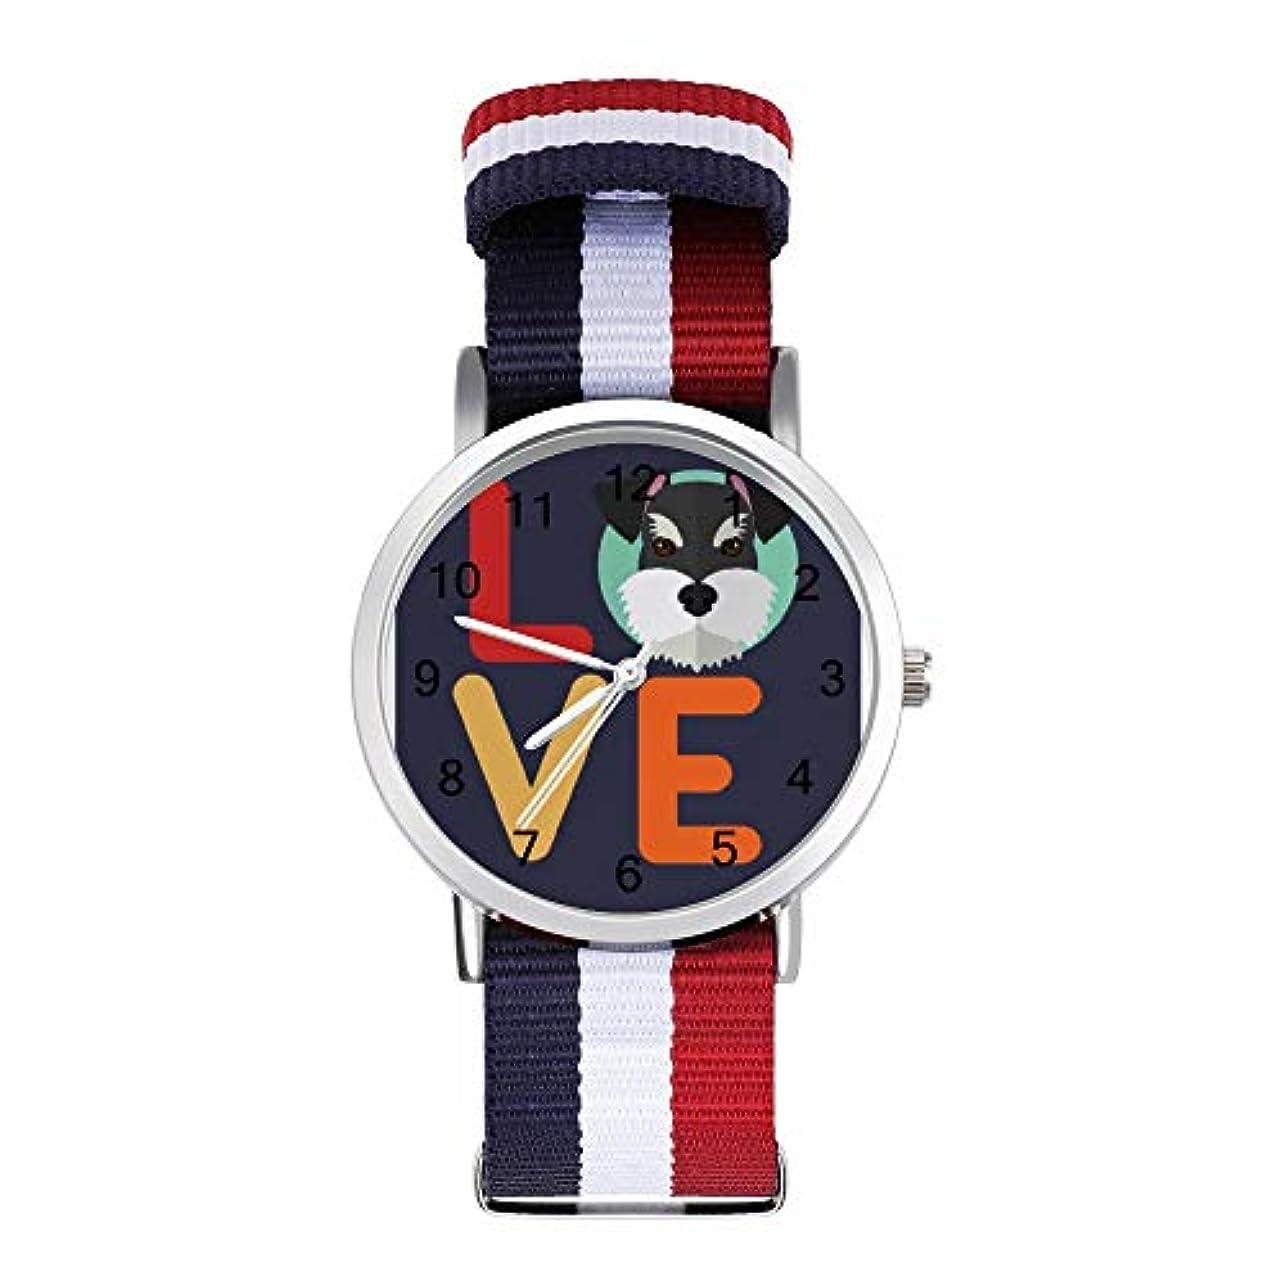 ピカソタワー物足りないHAYOE 腕時計 時計 ラウンドフェイスウォッチ ファッション 男女兼用 Nylon Watch ギフト プレゼント ミニチュア·シュおもしろいナウザーIハート·ドッグ愛好家